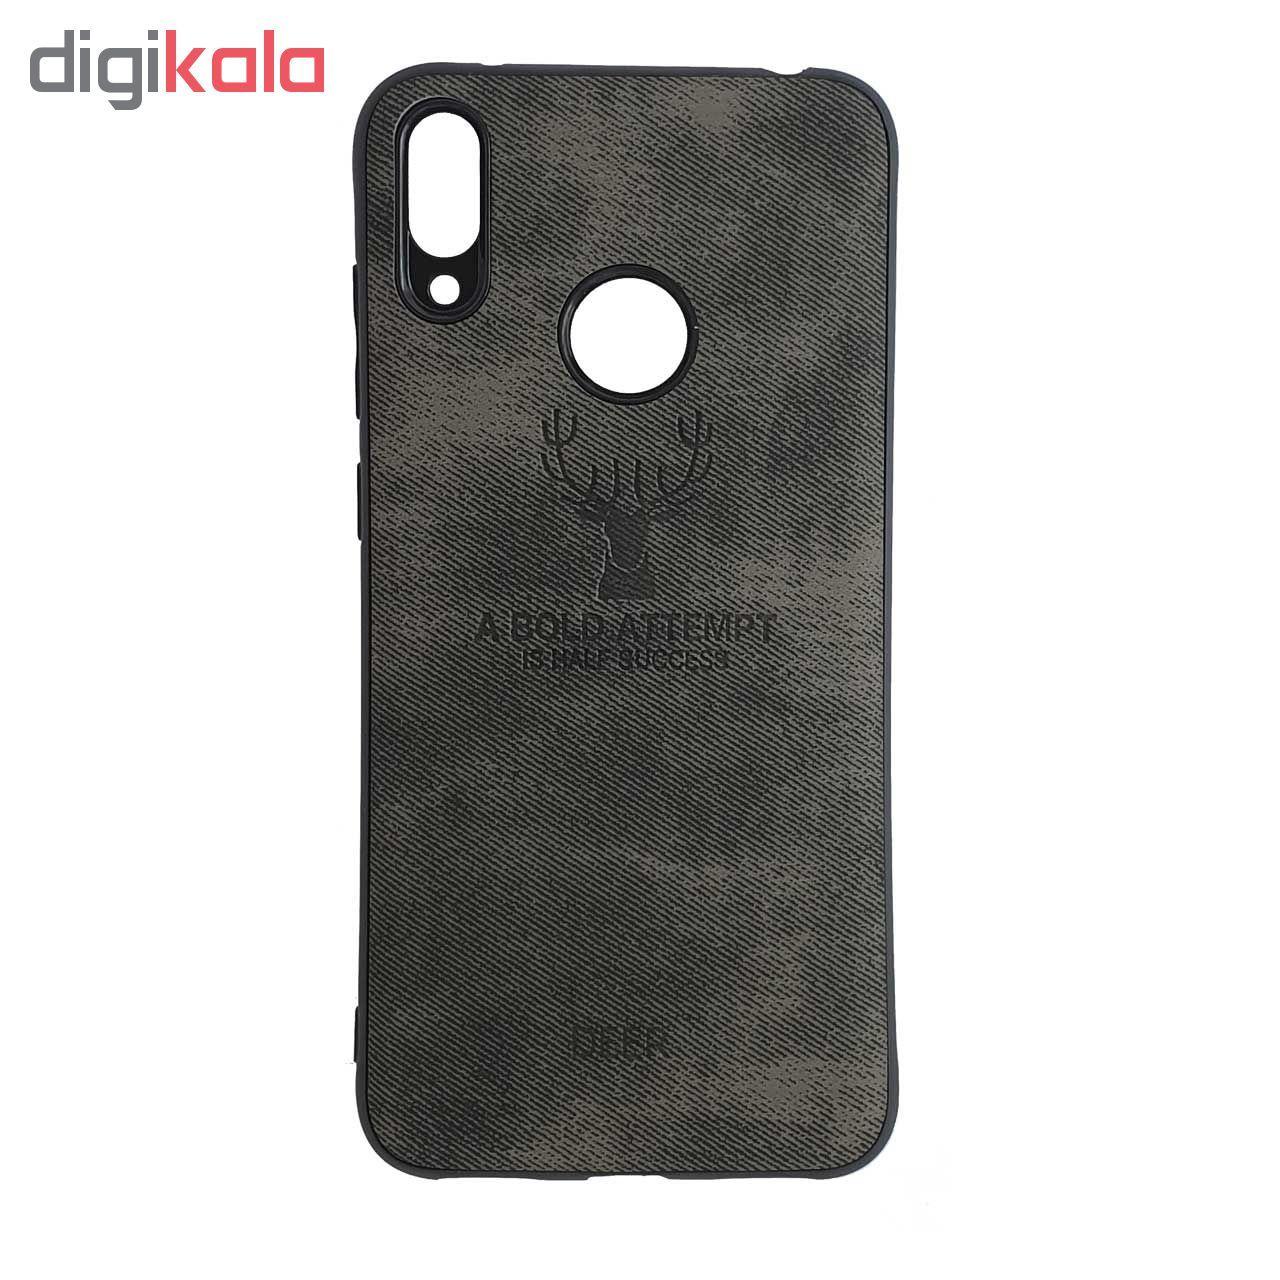 کاور ایبیزا مدل D-114 مناسب برای گوشی موبایل هوآوی Y7 2019 main 1 2